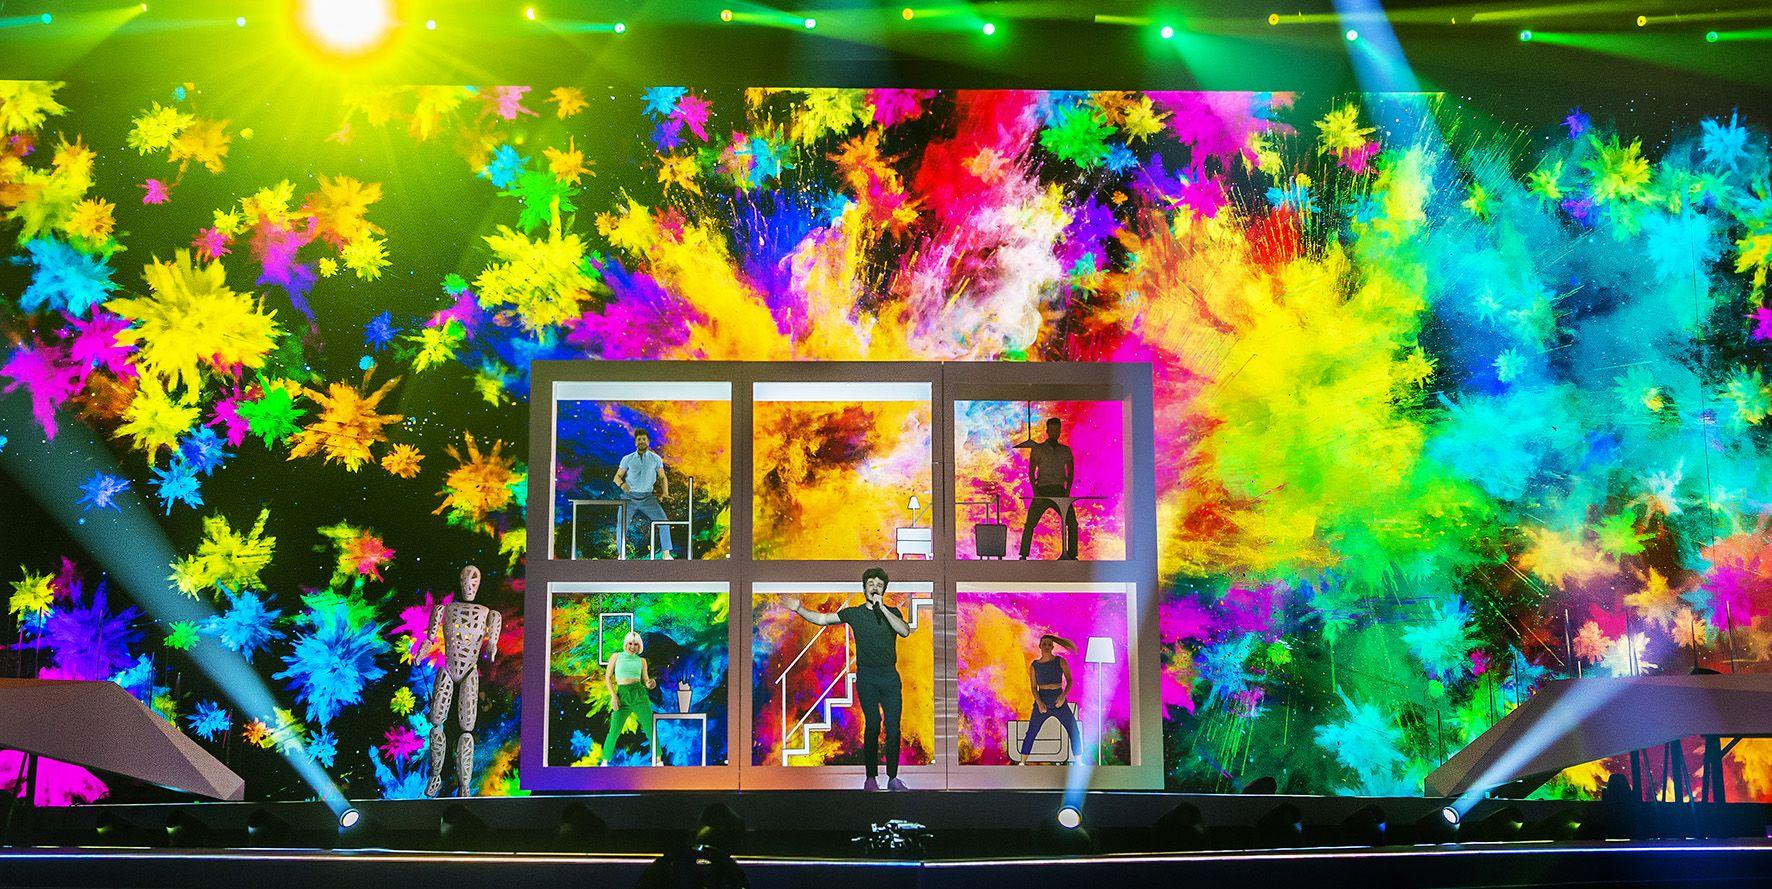 Miki canta La venda en los ensayos del Festival de Televisión.